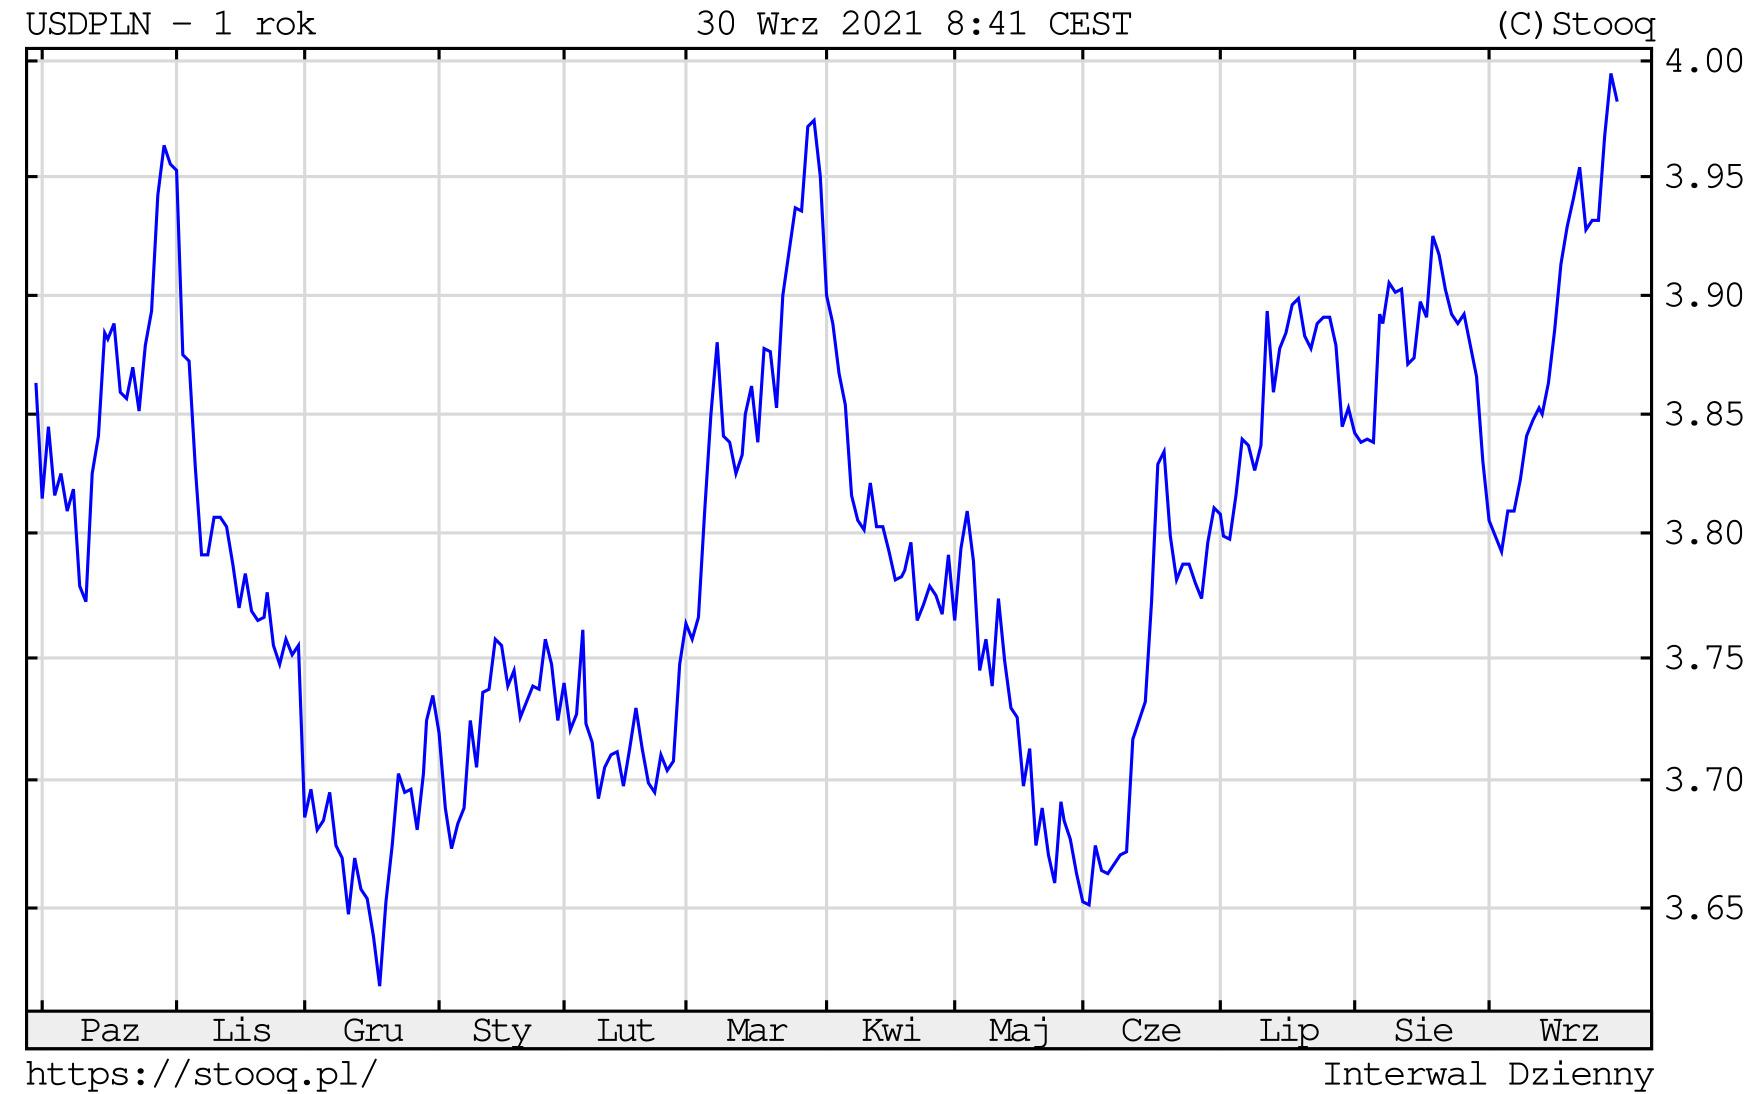 Kurs dolara w czwartek, 30 września 2021 roku. Notowania USD/PLN na wykresie dziennym